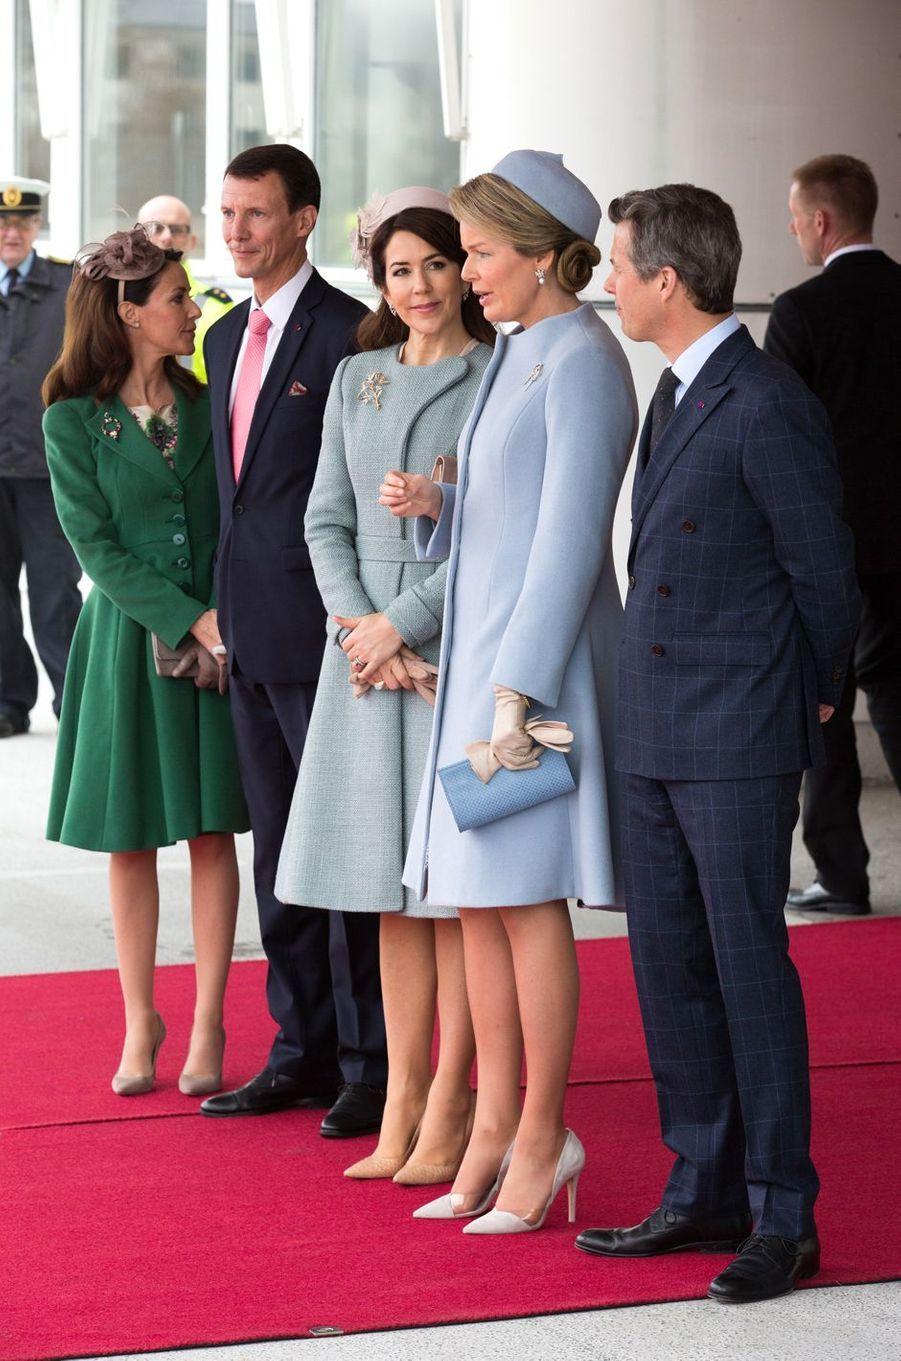 La reine Mathilde de Belgique avec la famille royale danoise à Copenhague, le 28 mars 2017